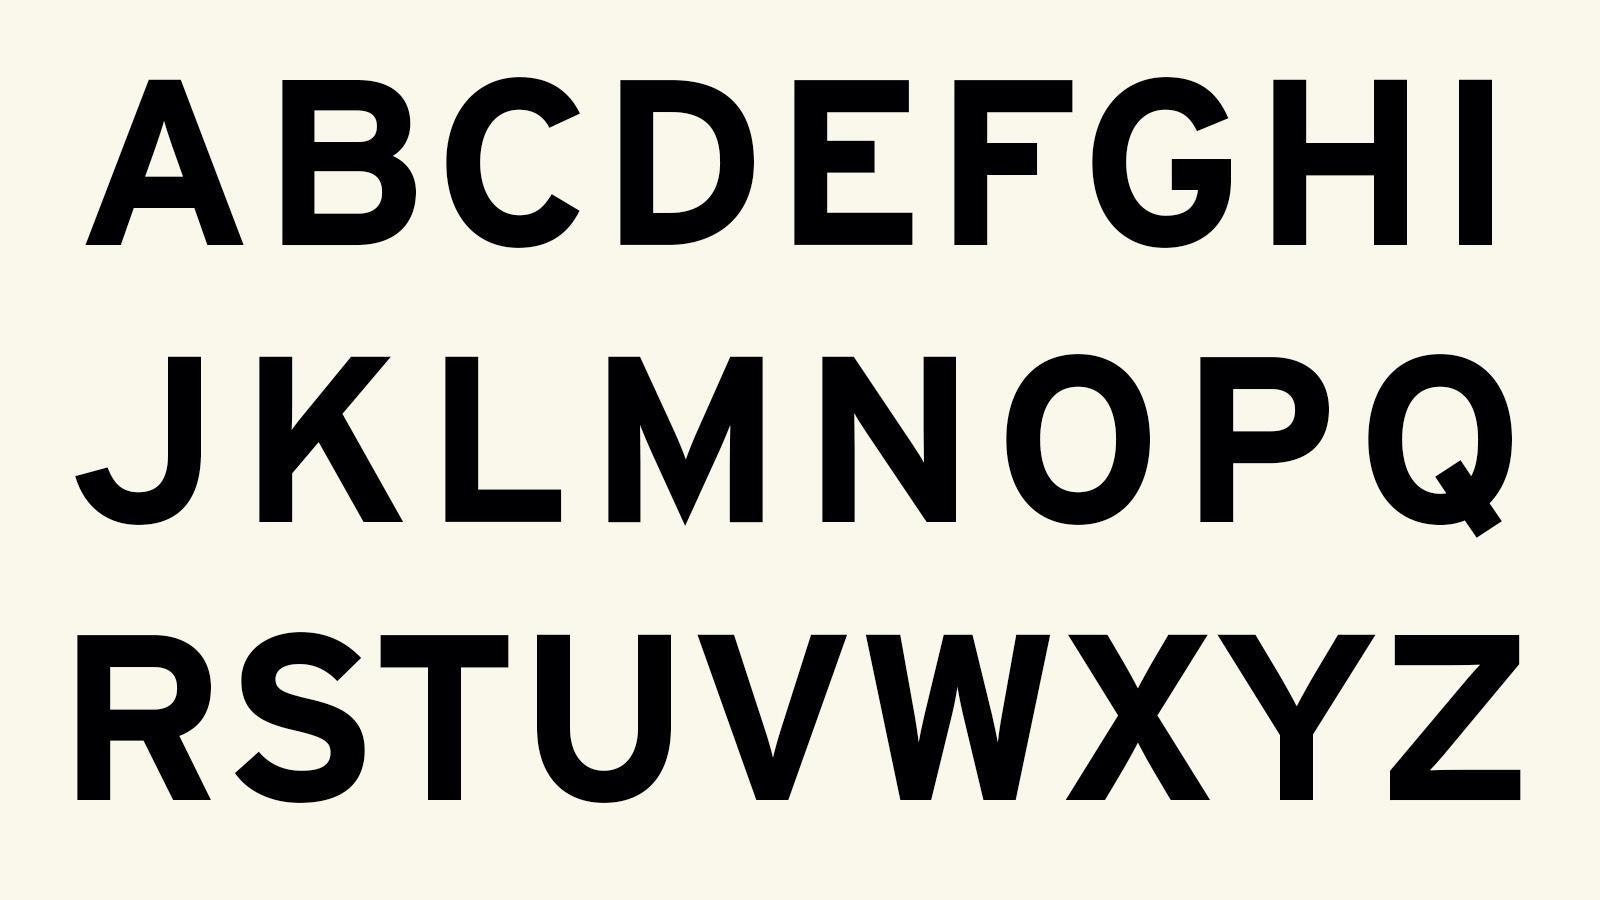 scrabble letter tile fonts